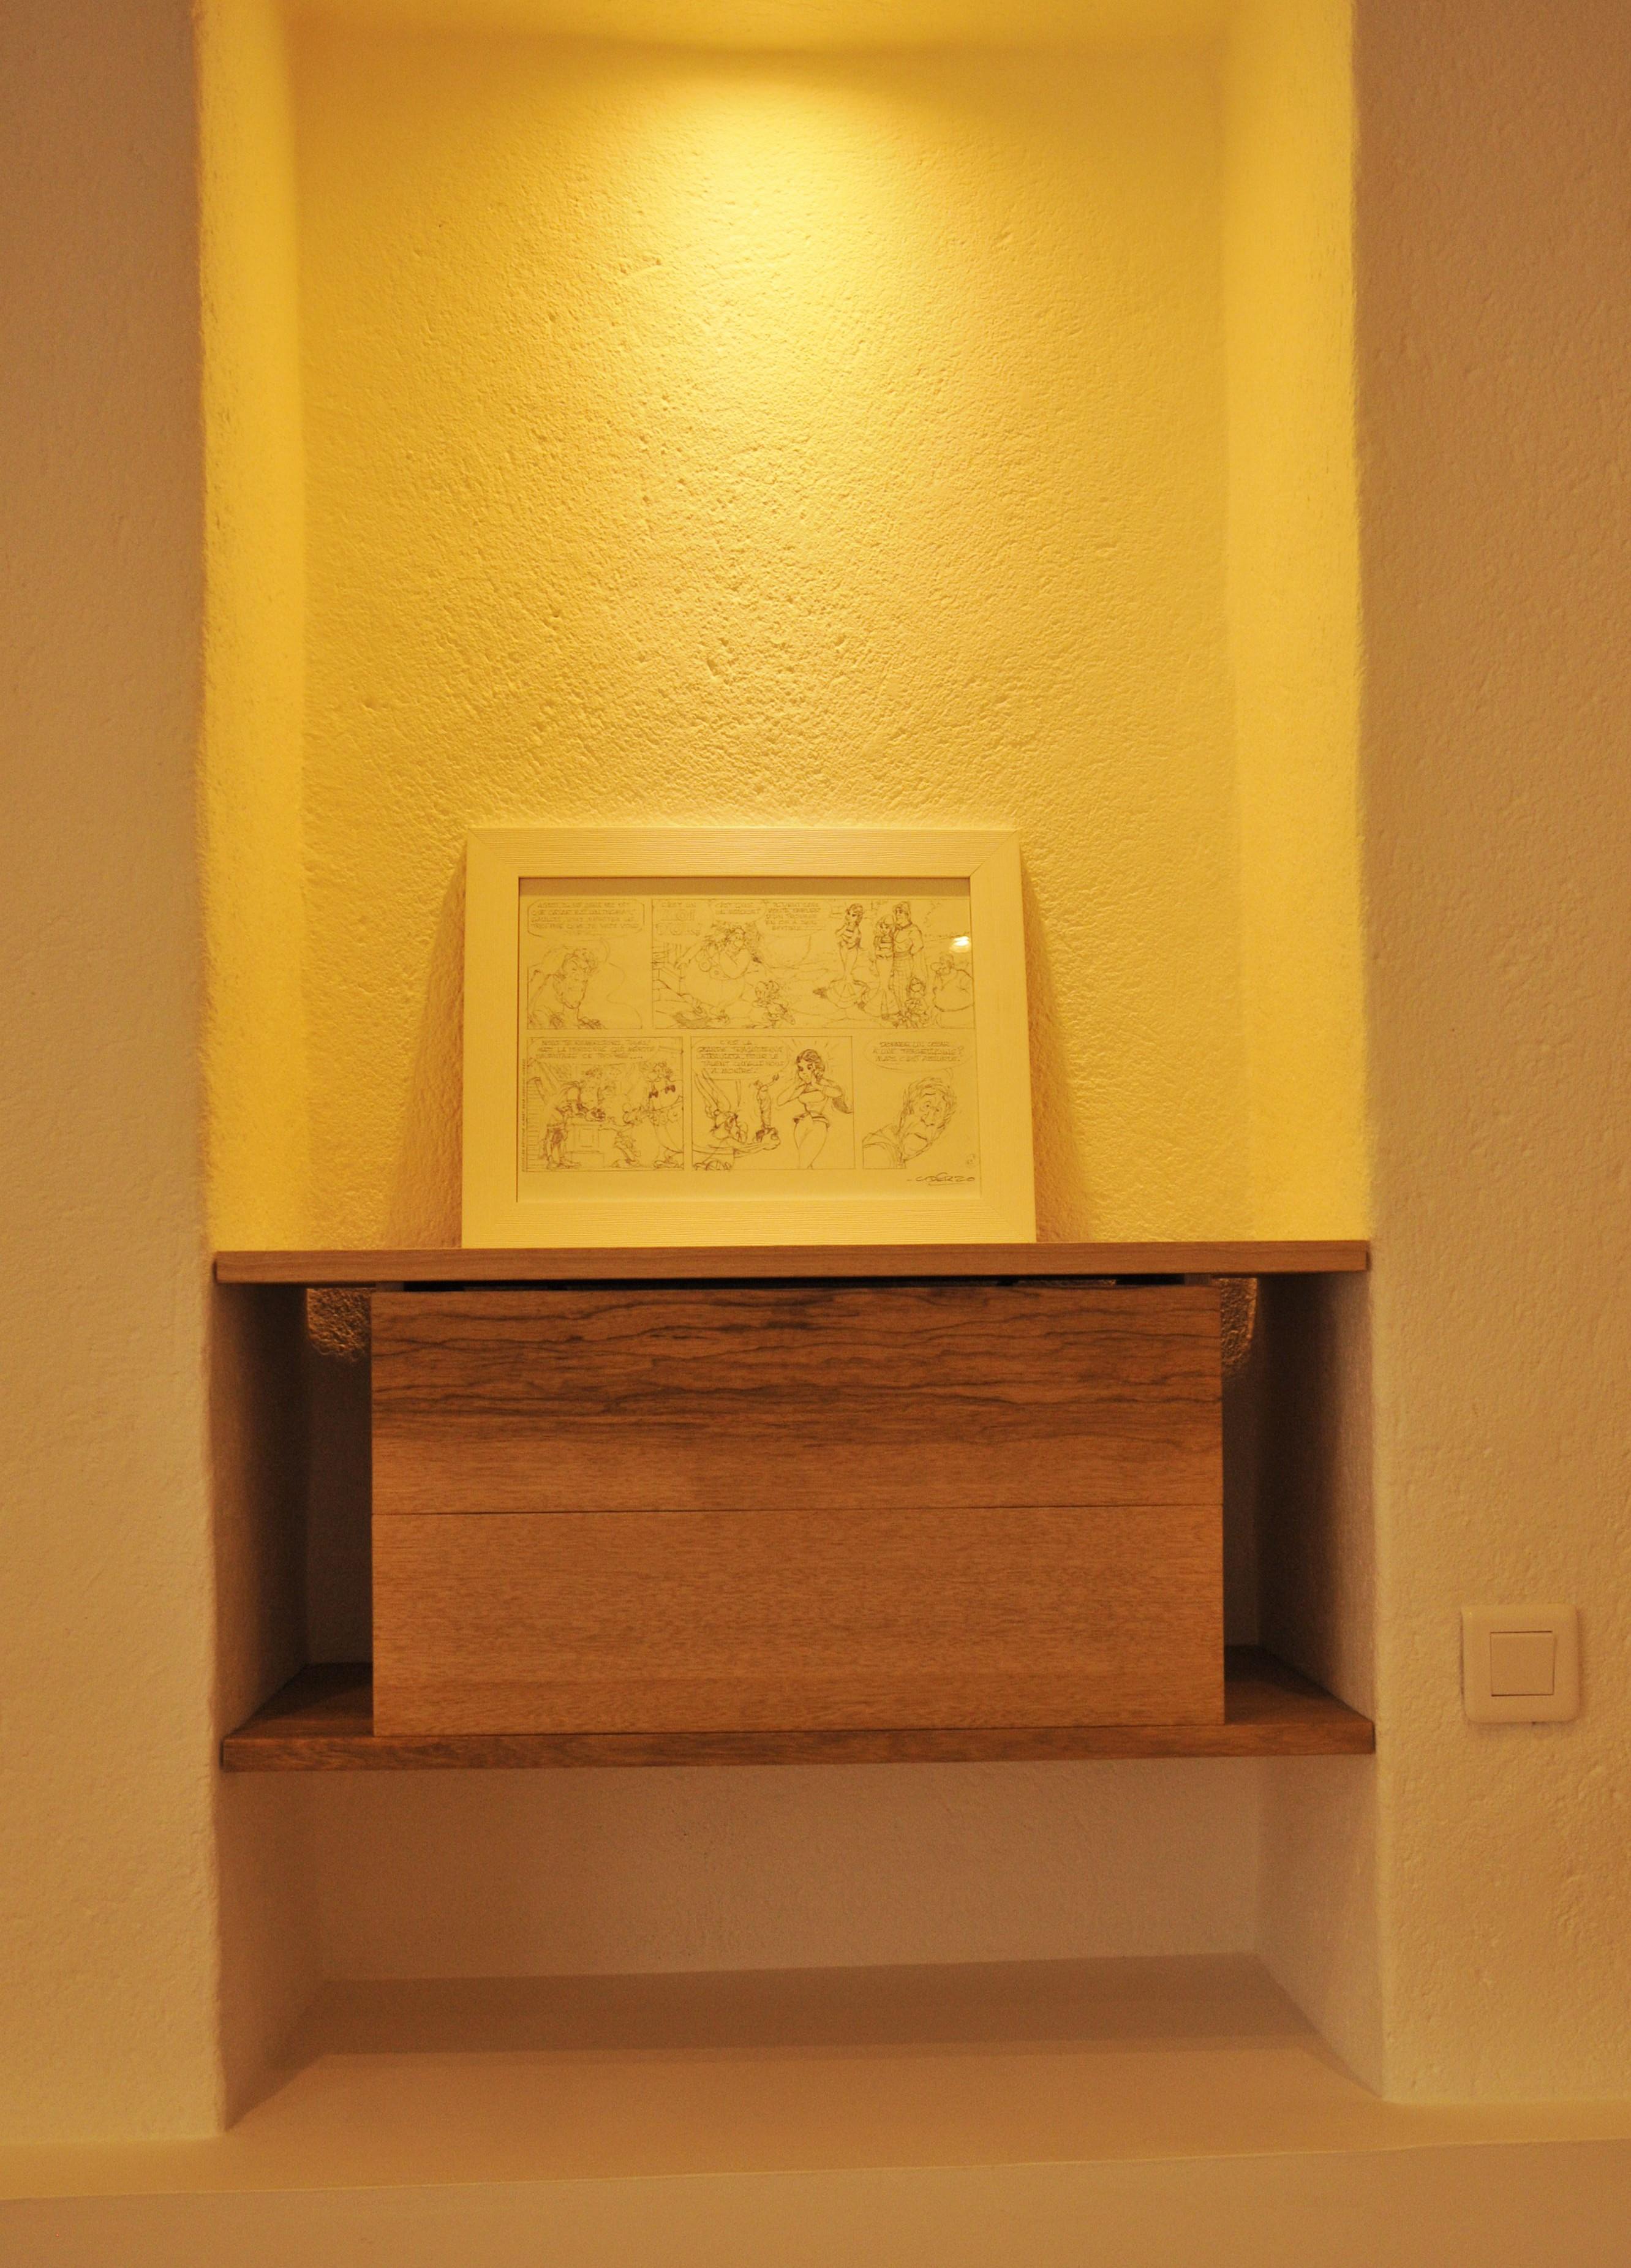 escalier biblioth que en bois et m tal int grant des. Black Bedroom Furniture Sets. Home Design Ideas